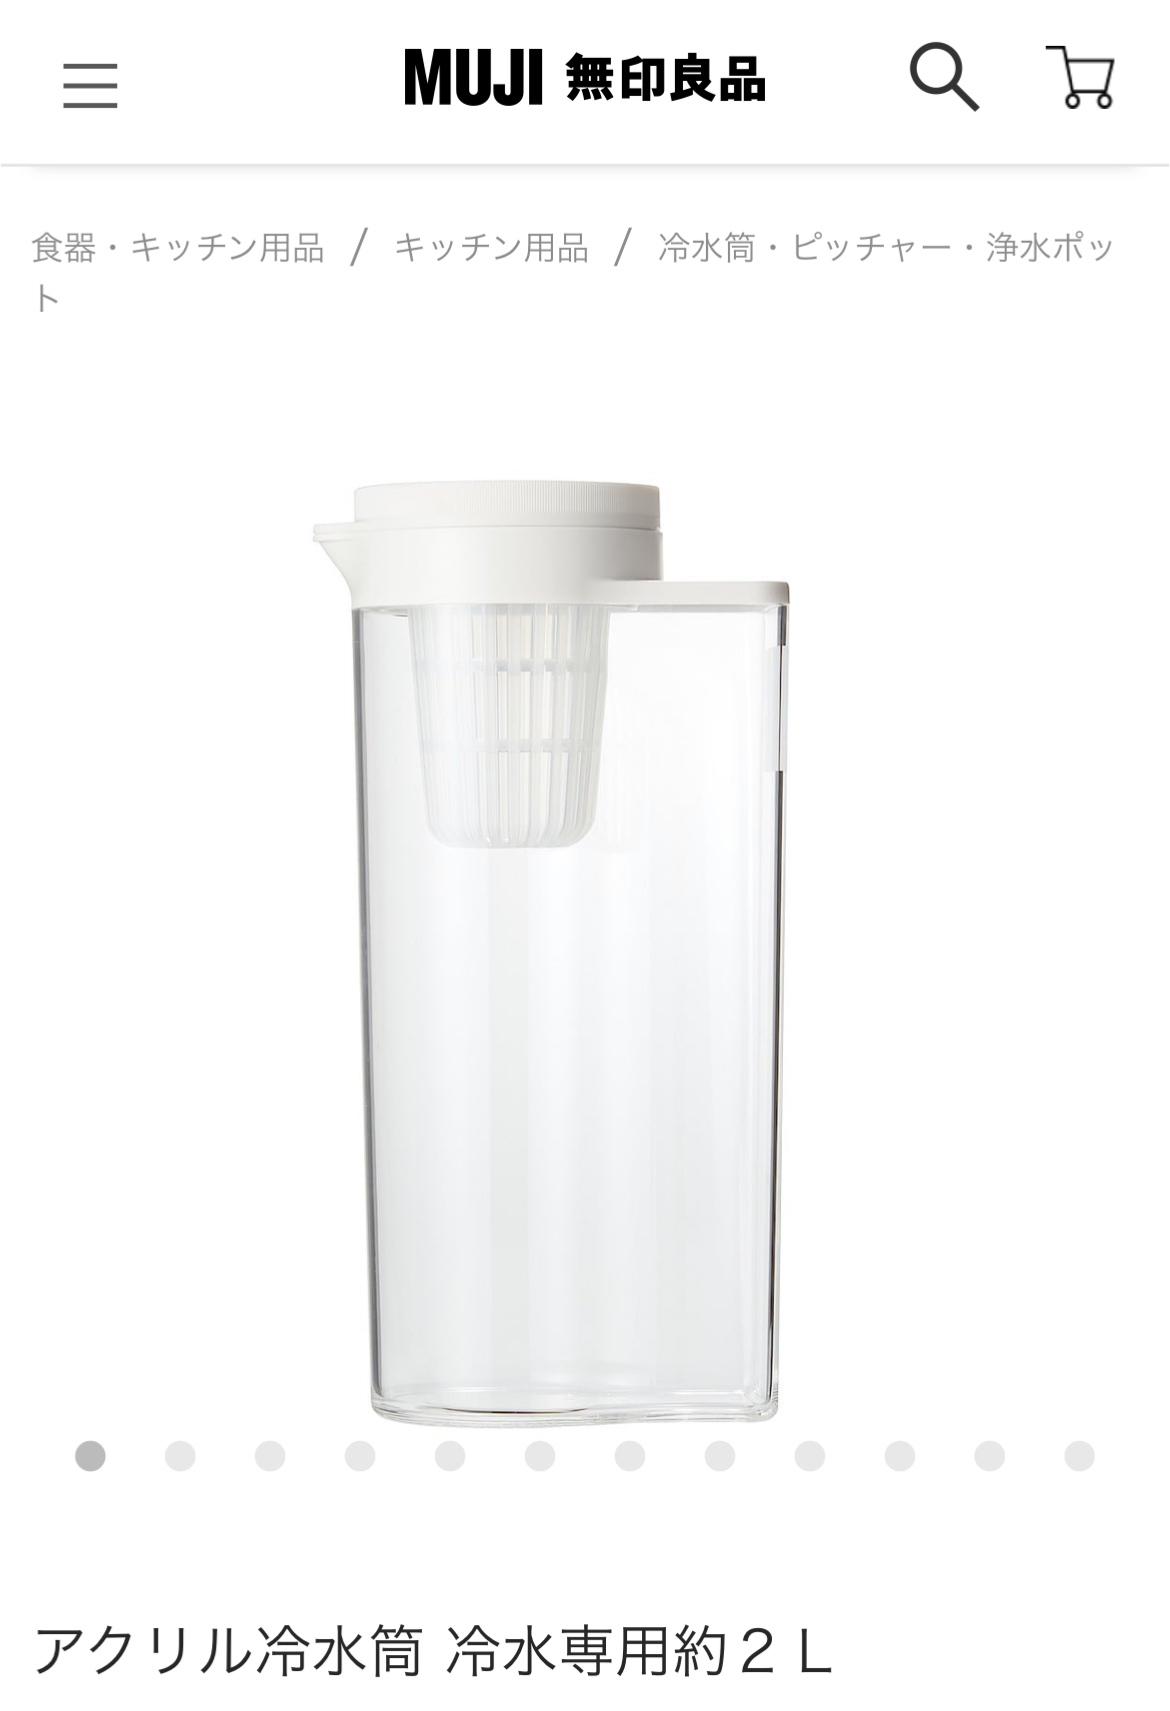 無印良品(MUJI)アクリル冷水筒 冷水専用約2L 44220931を使ったcocoさんのクチコミ画像4